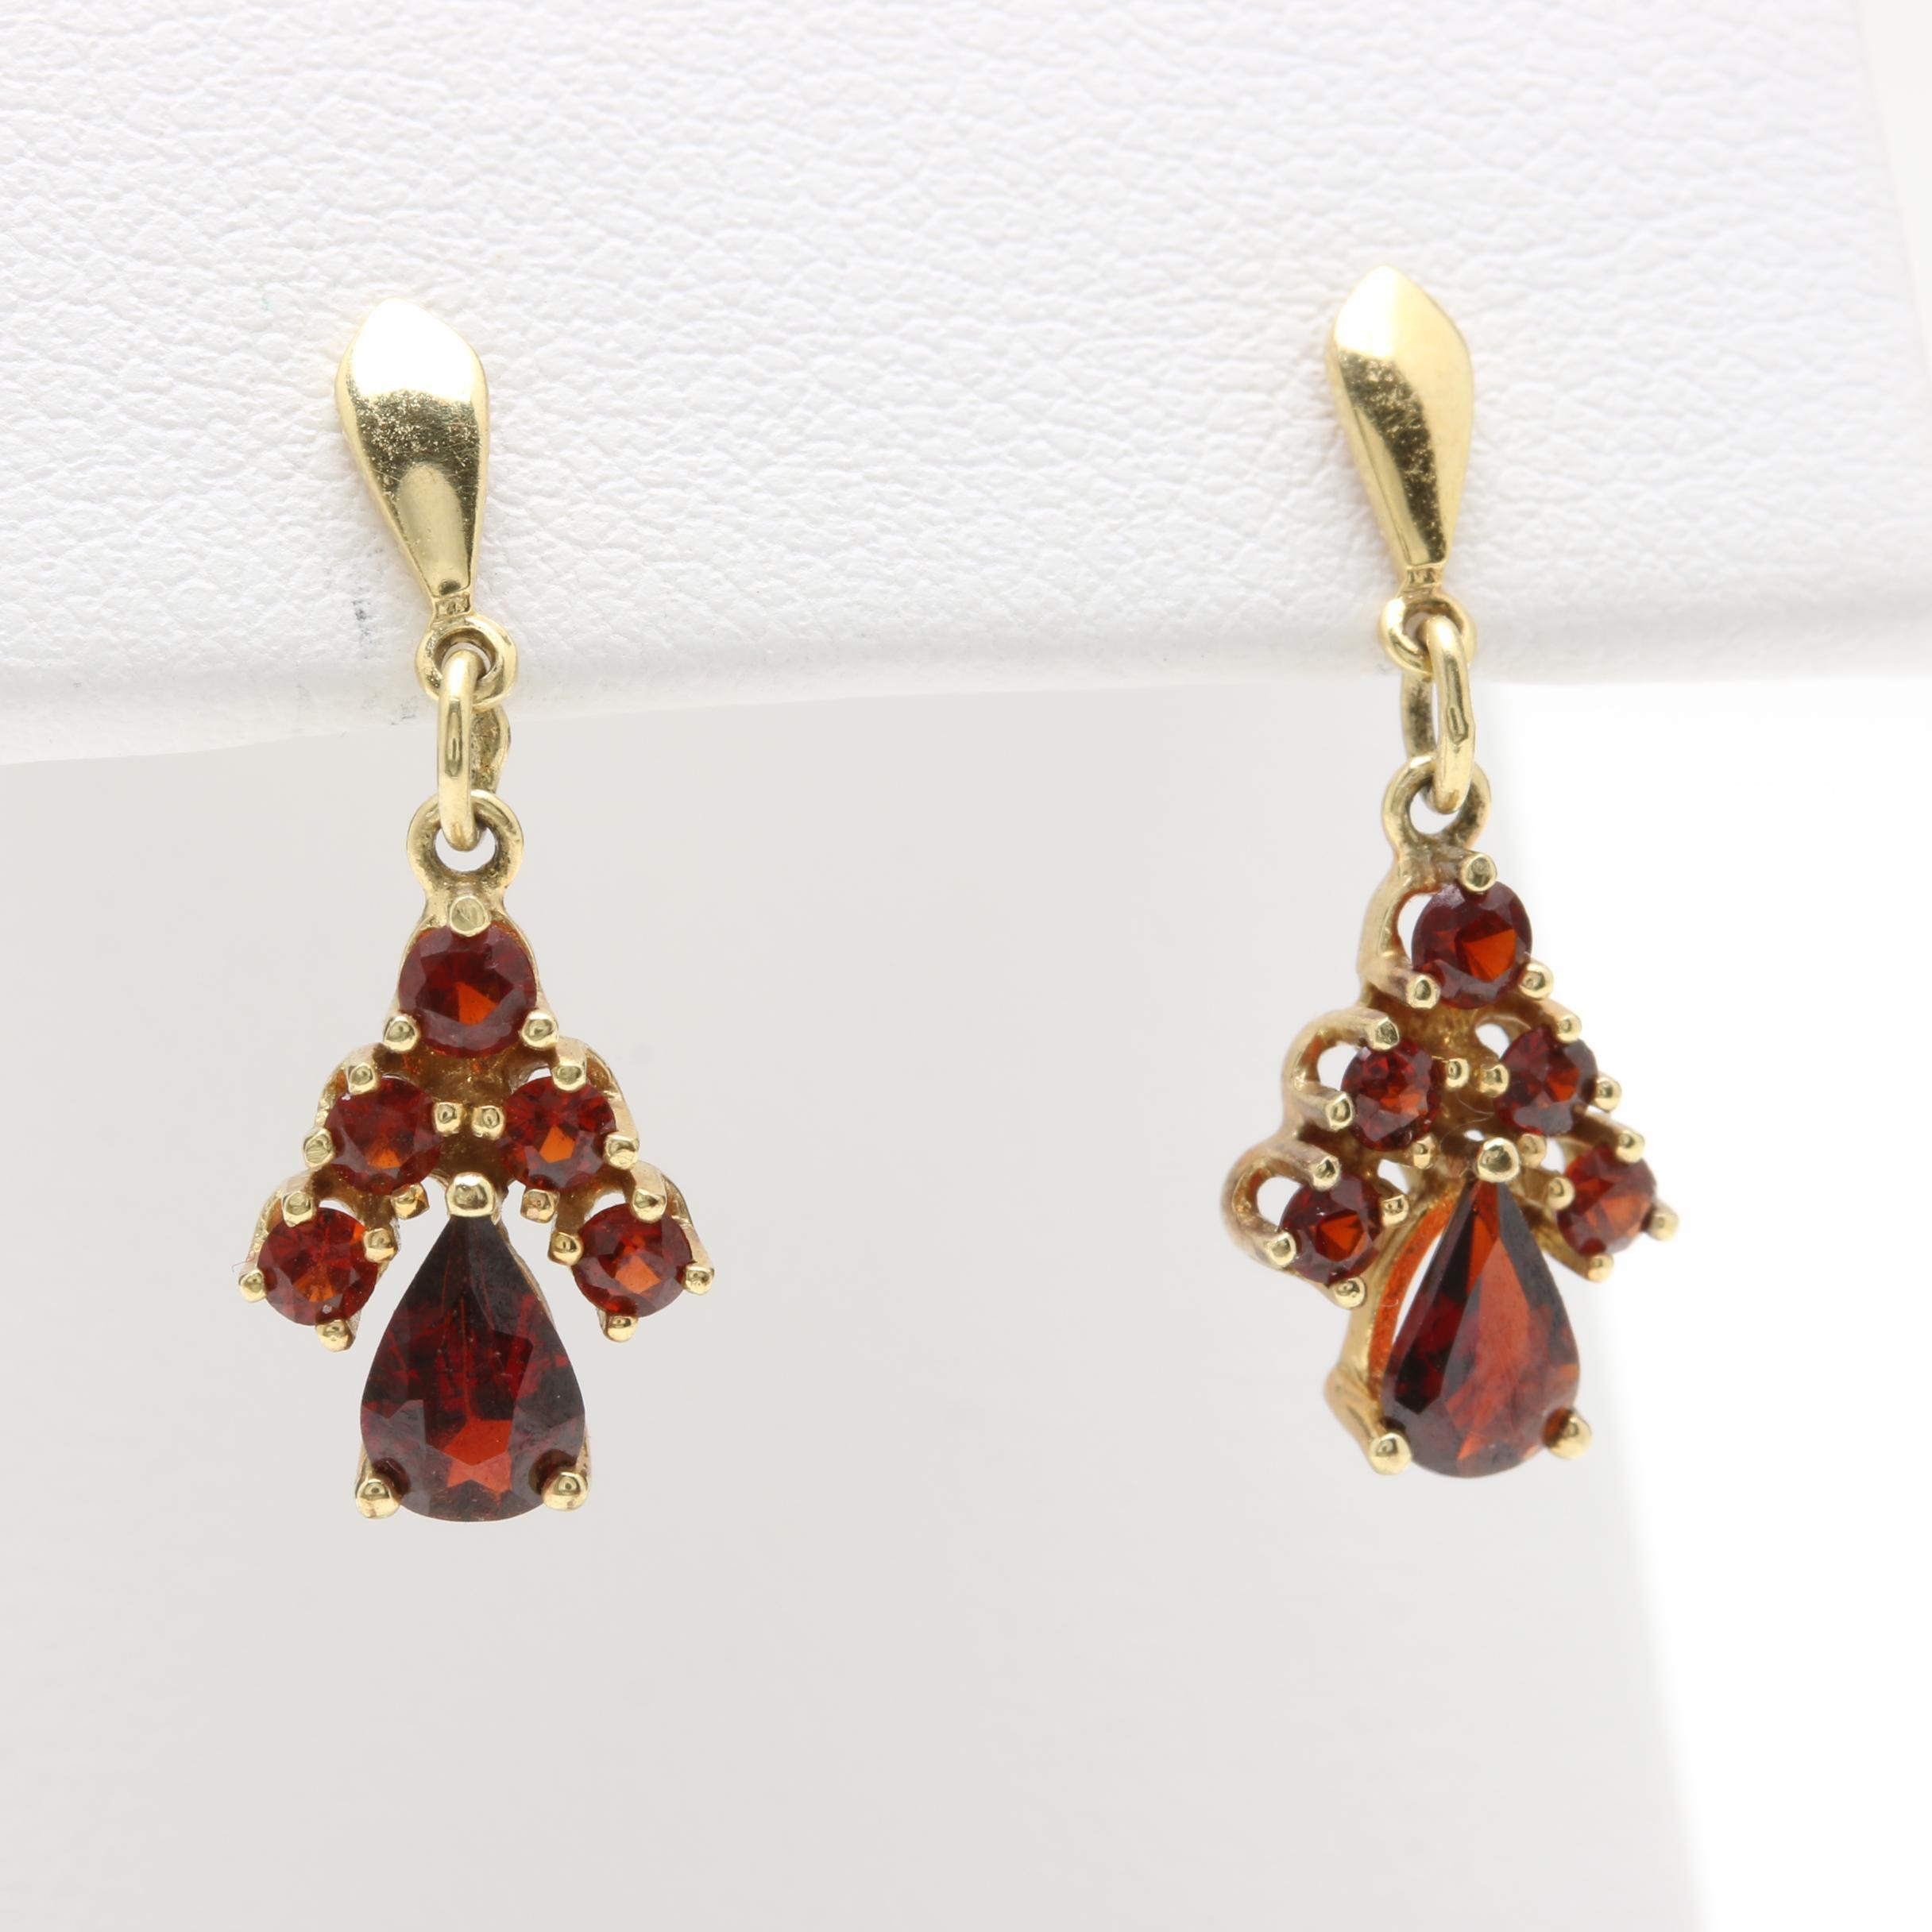 8K Yellow Gold Garnet Dangle Earrings